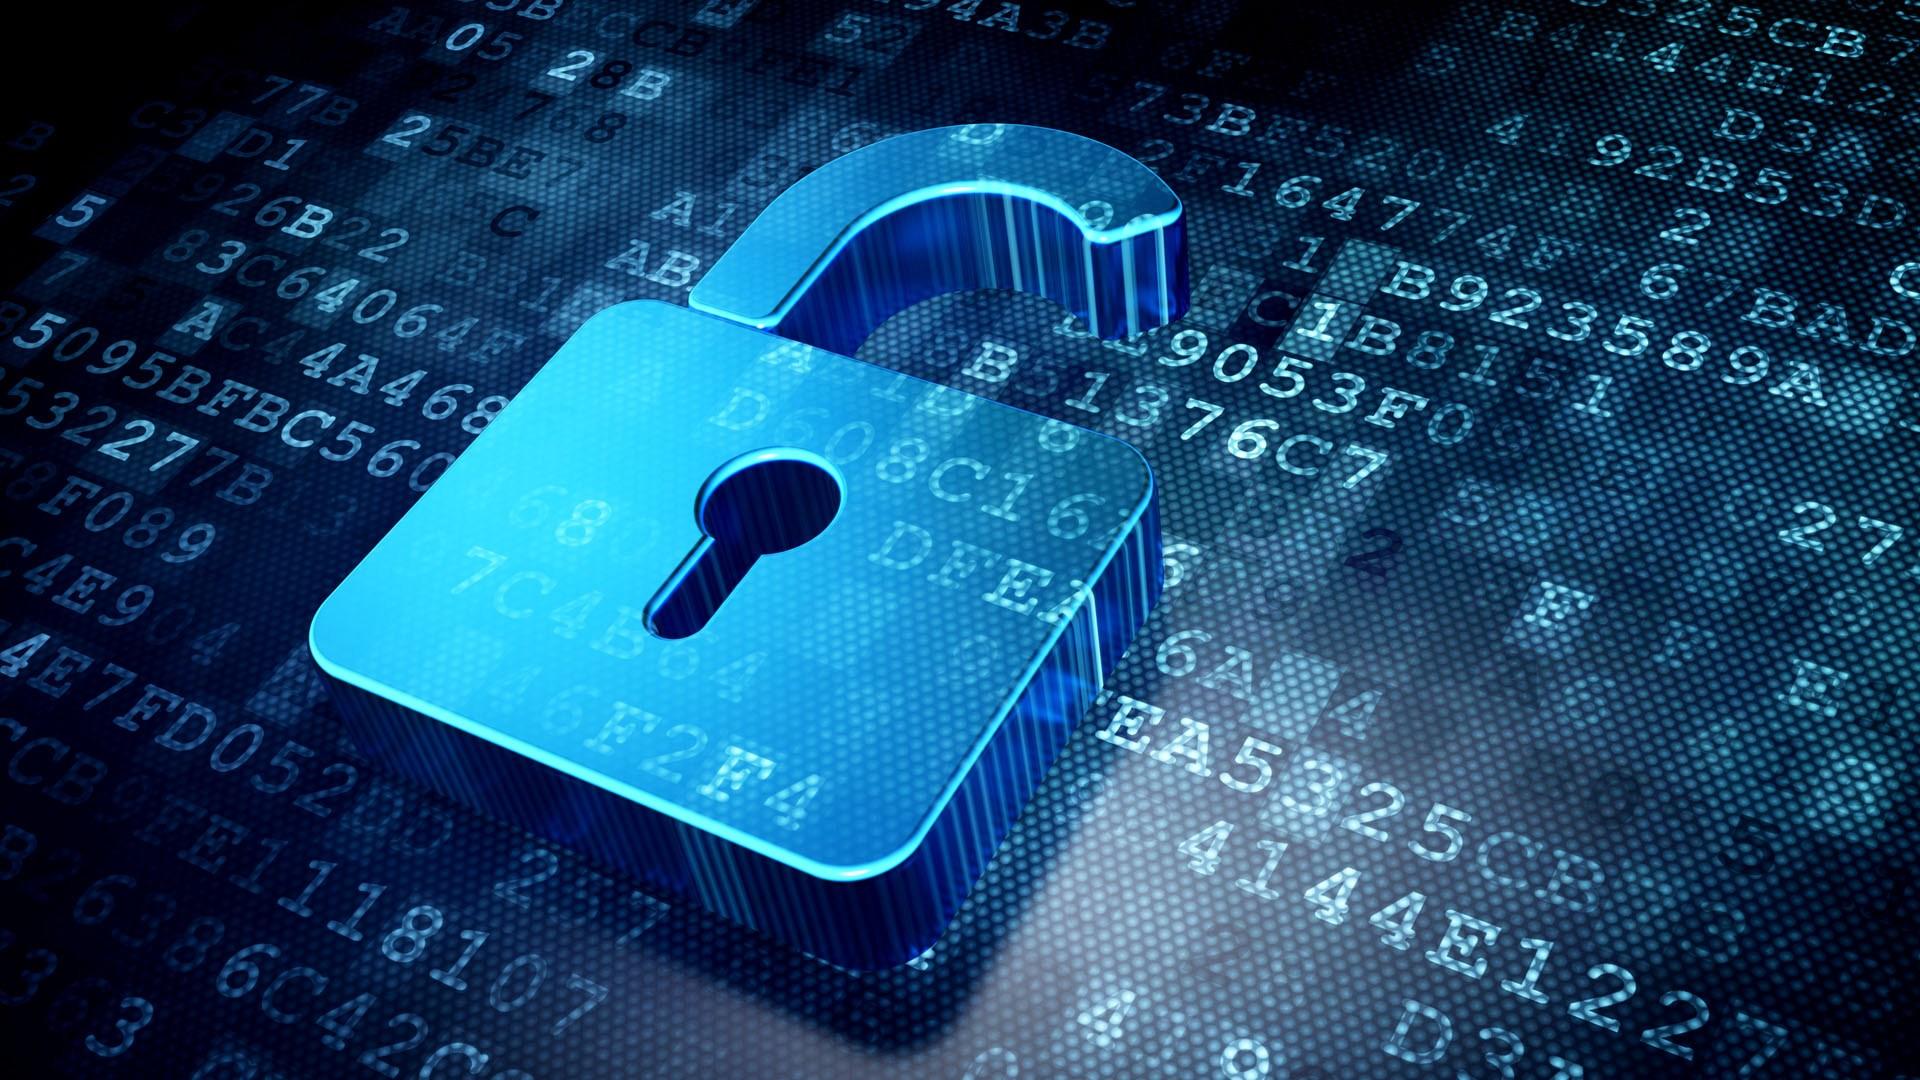 Lei geral de proteção aos dados e suas implicações